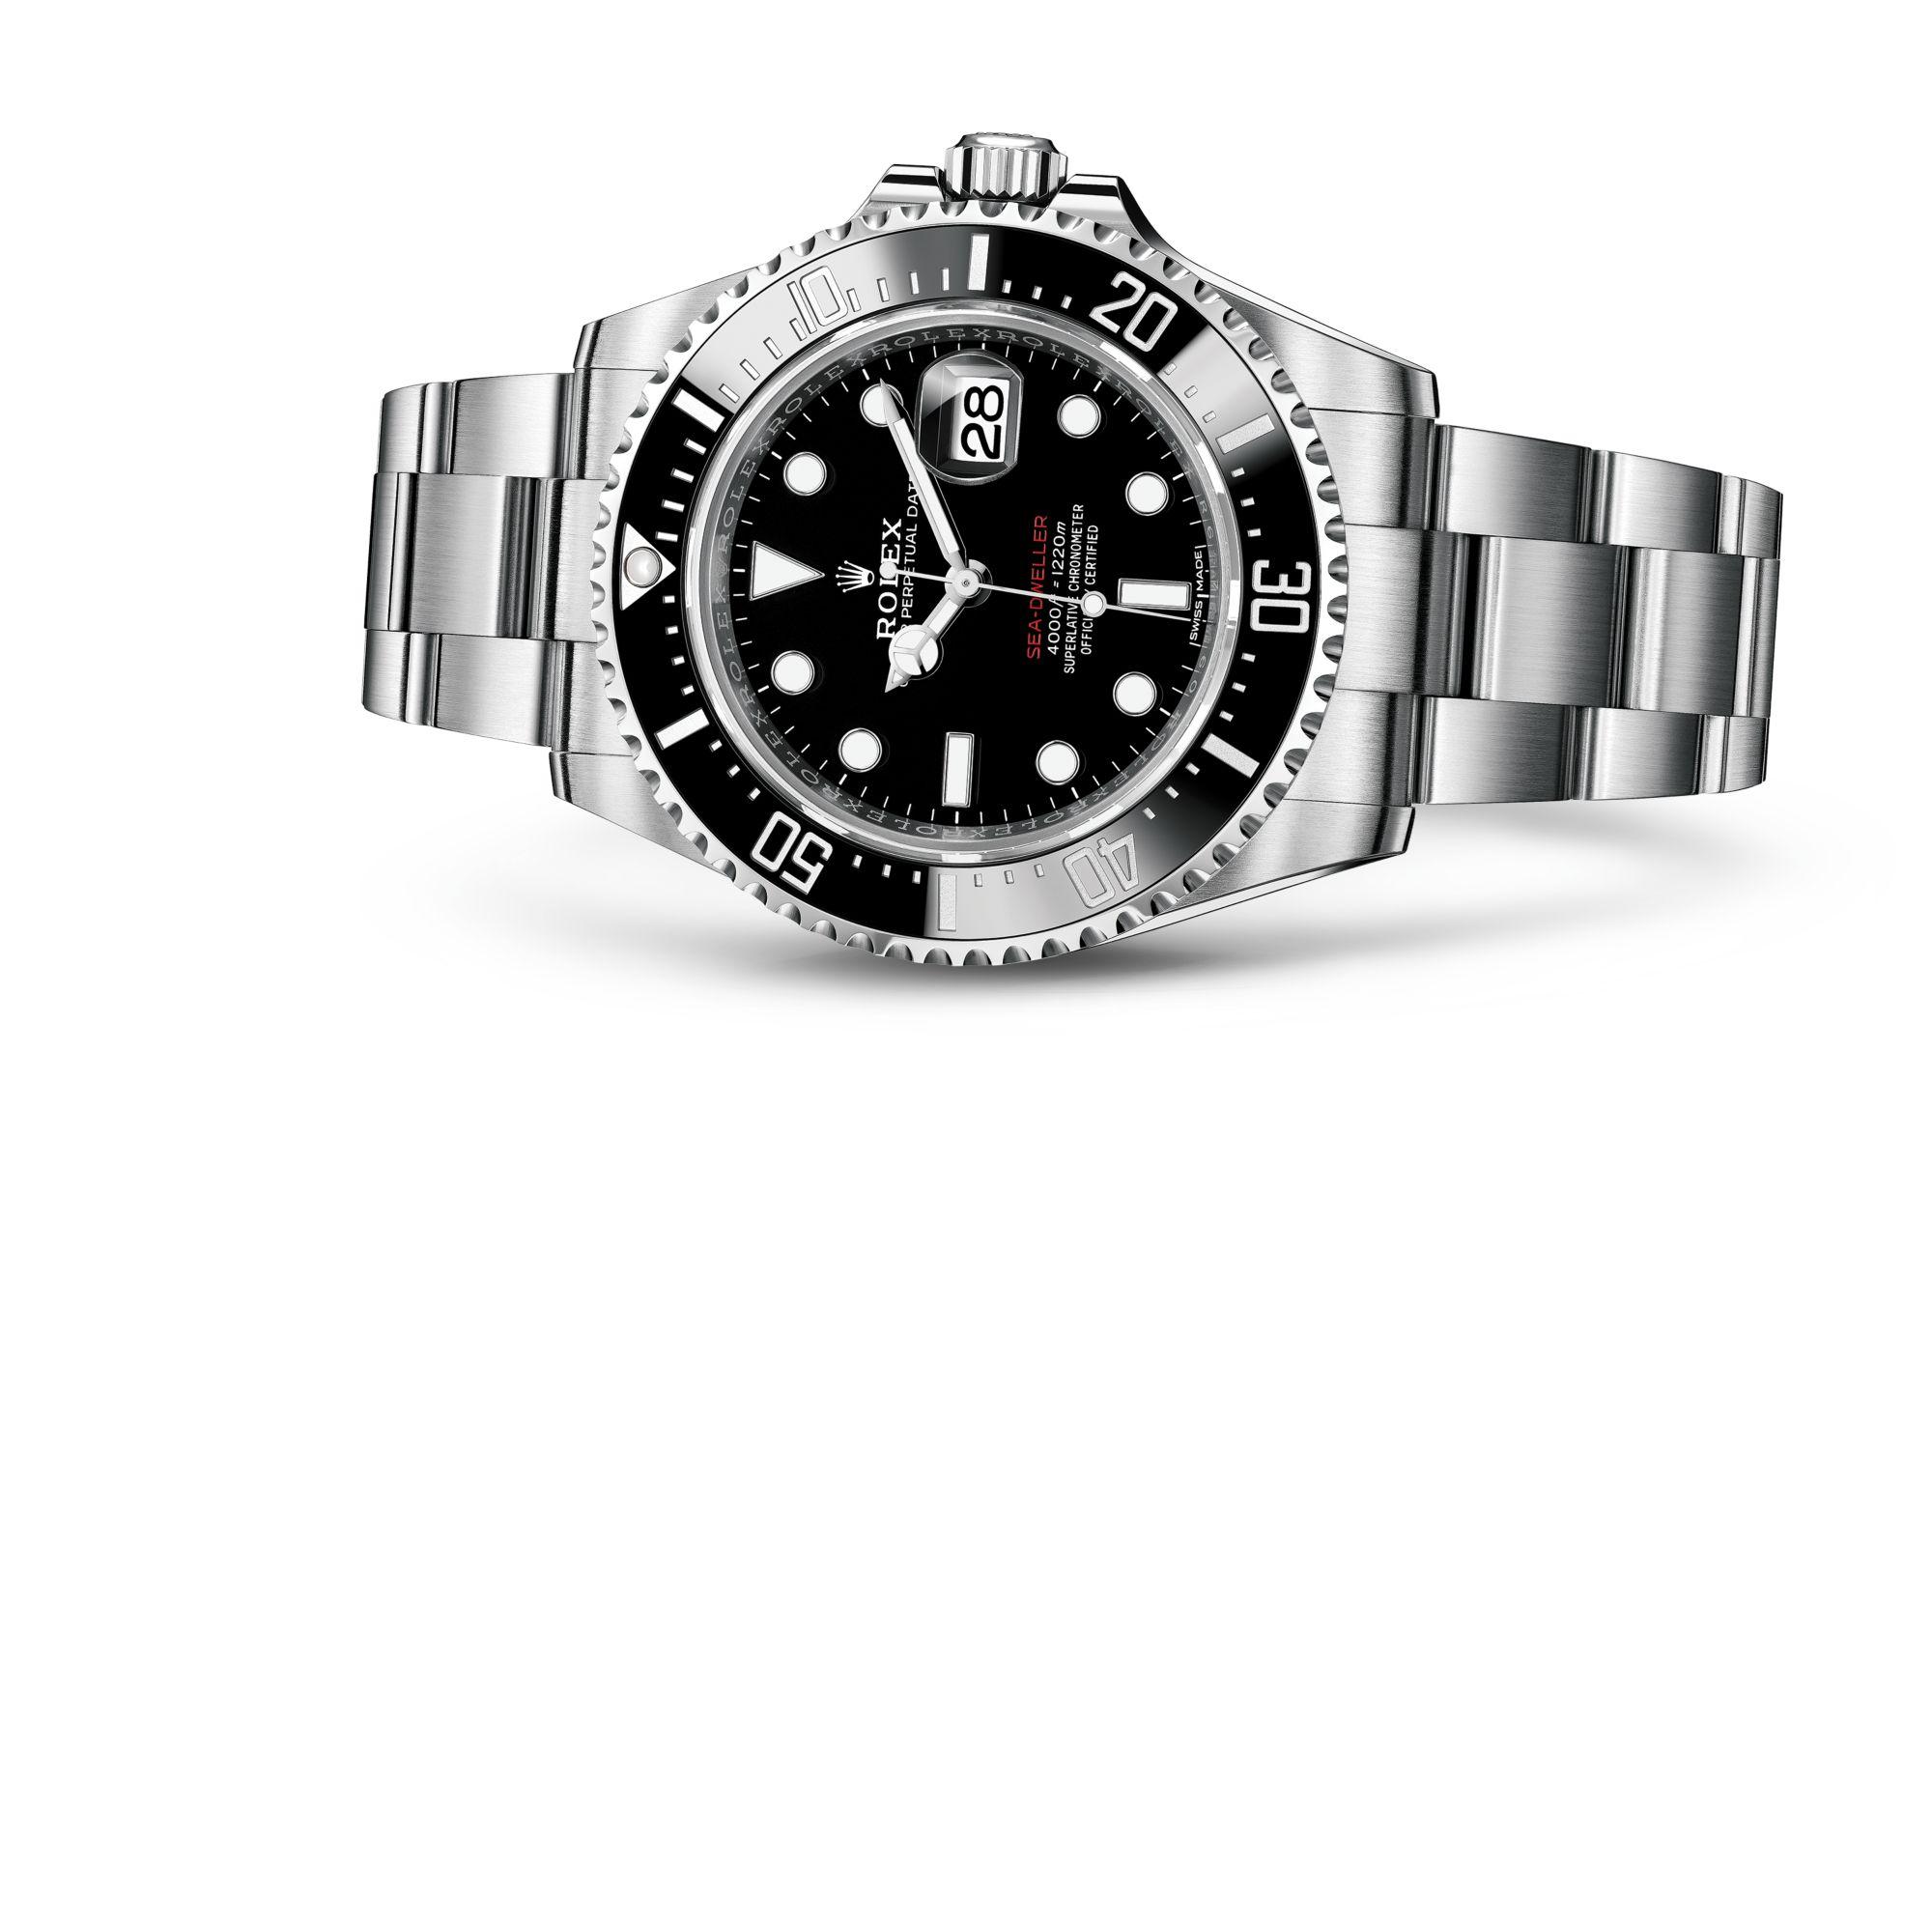 Rolex سي دويلَر M126600-0001